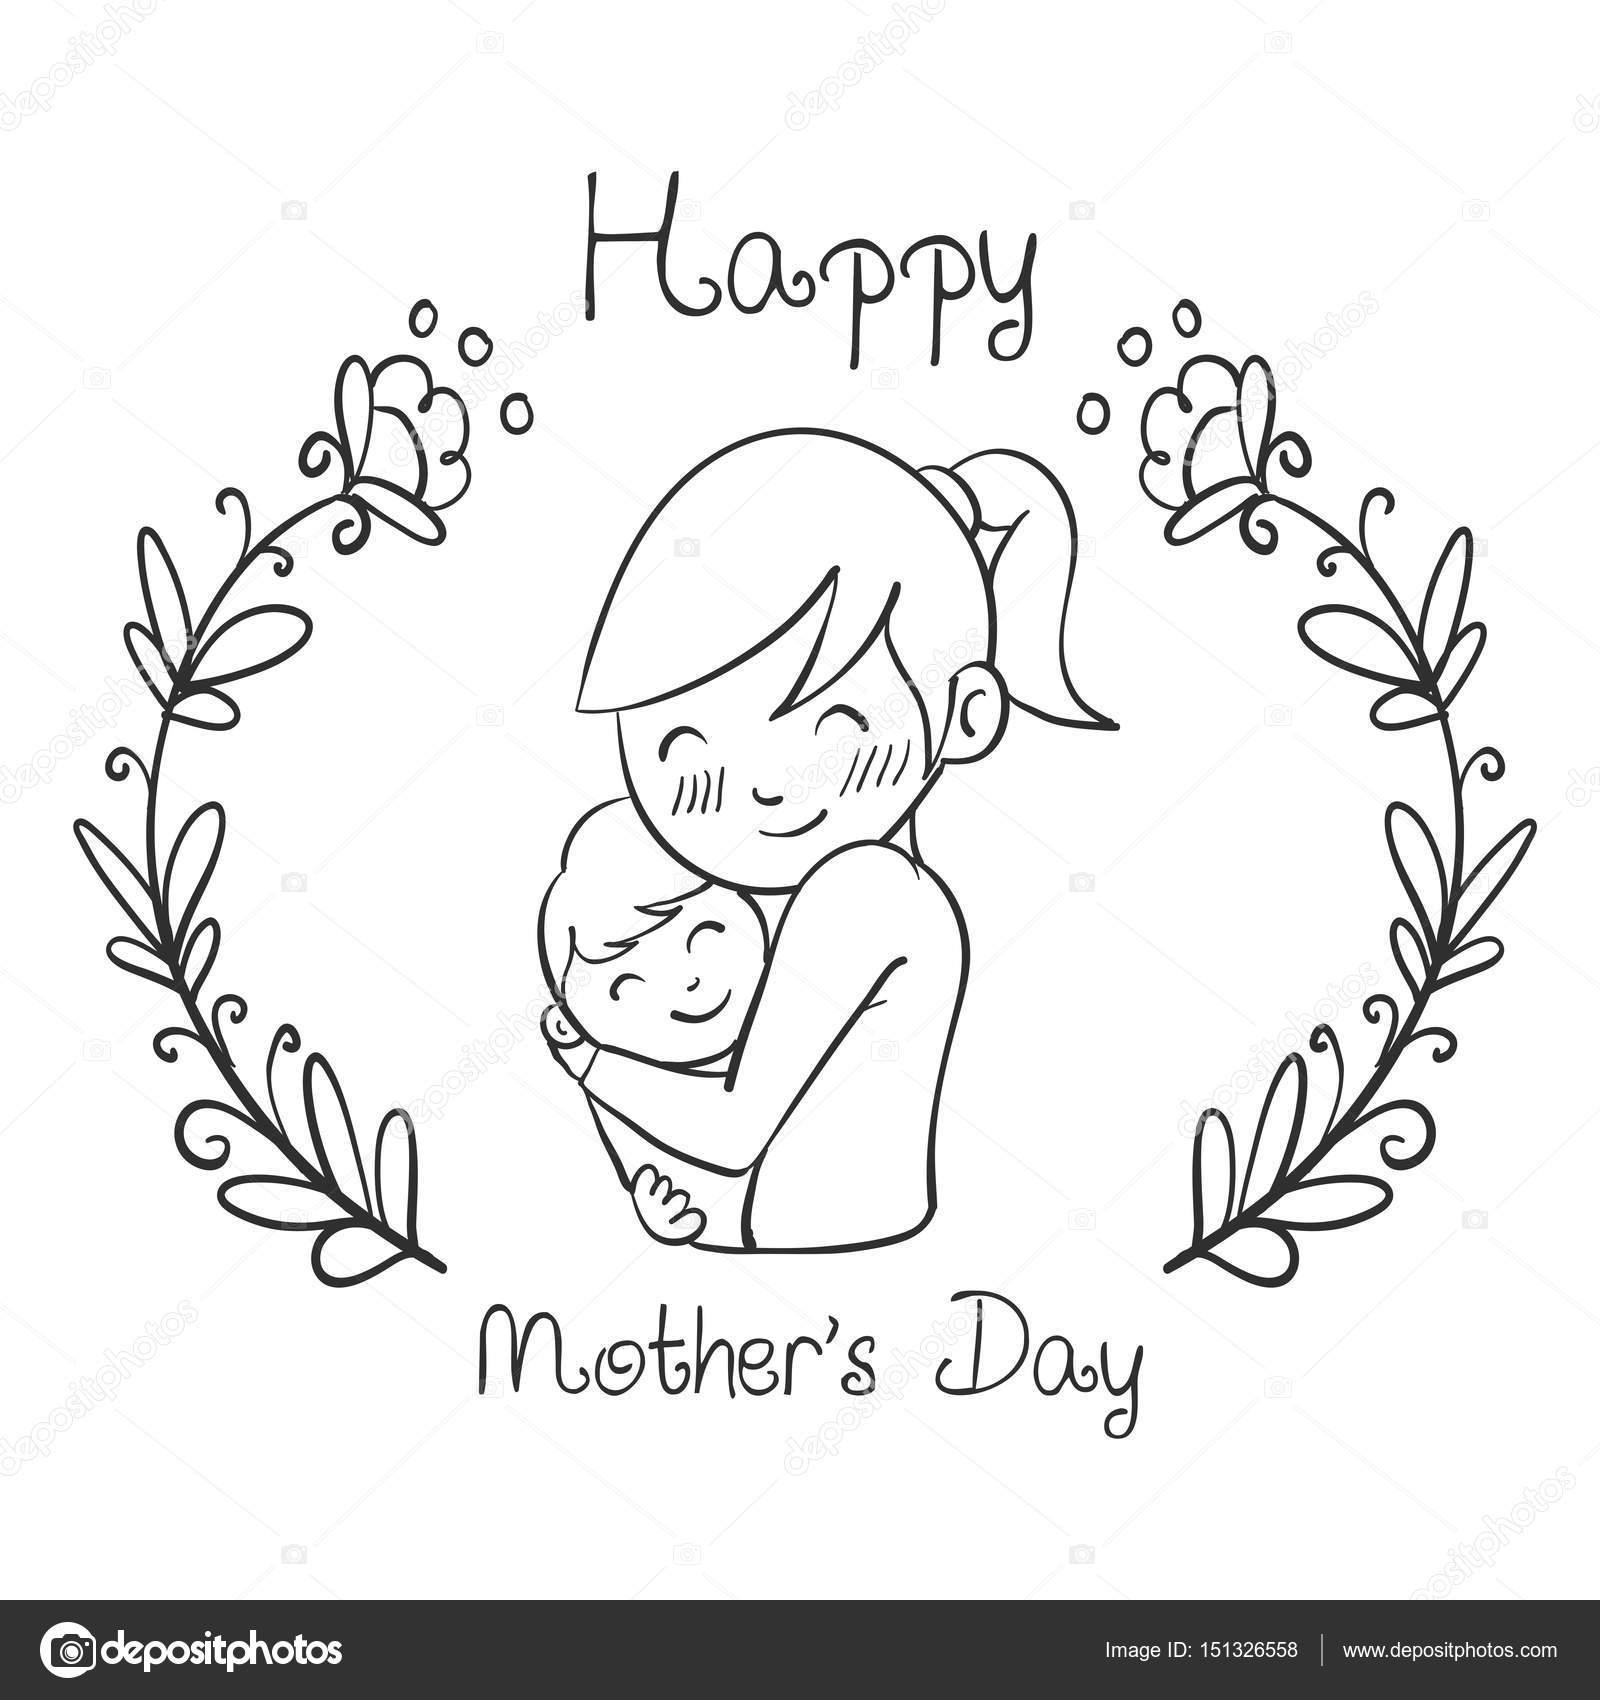 Imágenes Dibujo Del Dia De Las Madres Mano Dibujar Diseño